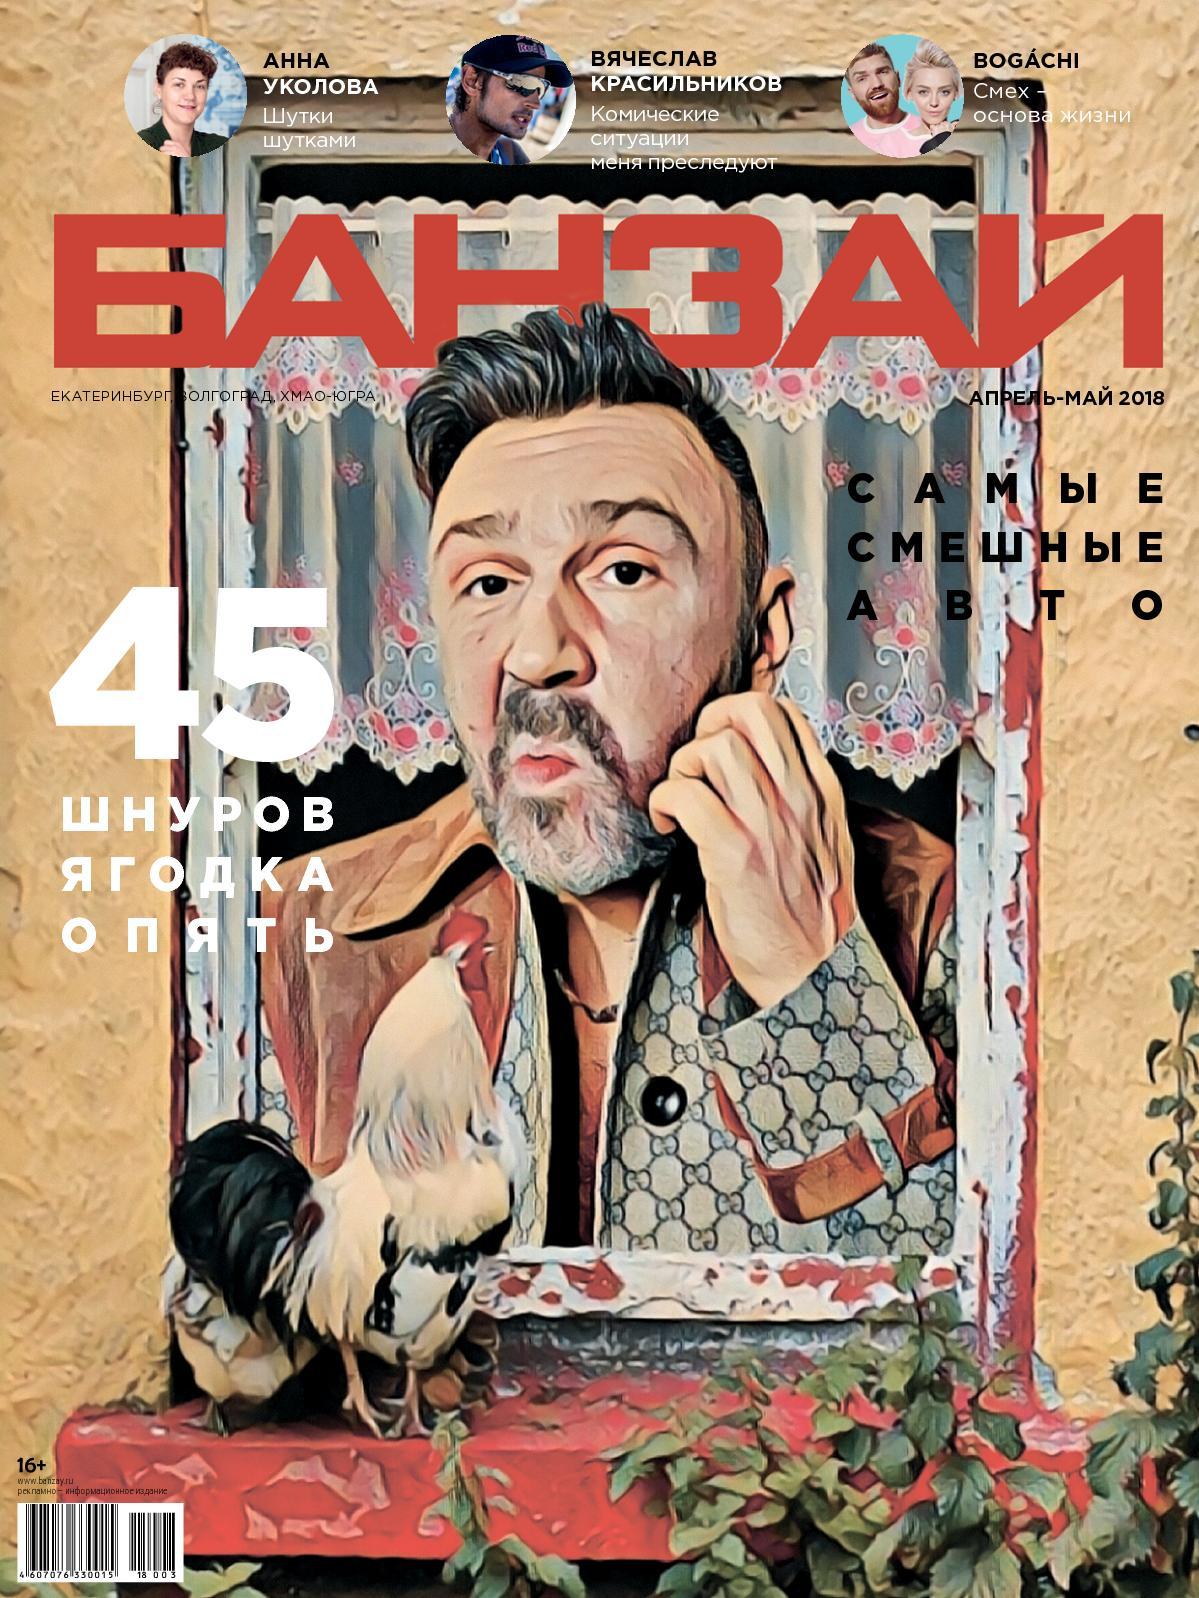 Журнал «БАНЗАЙ»: интервью с Русланом Маниным